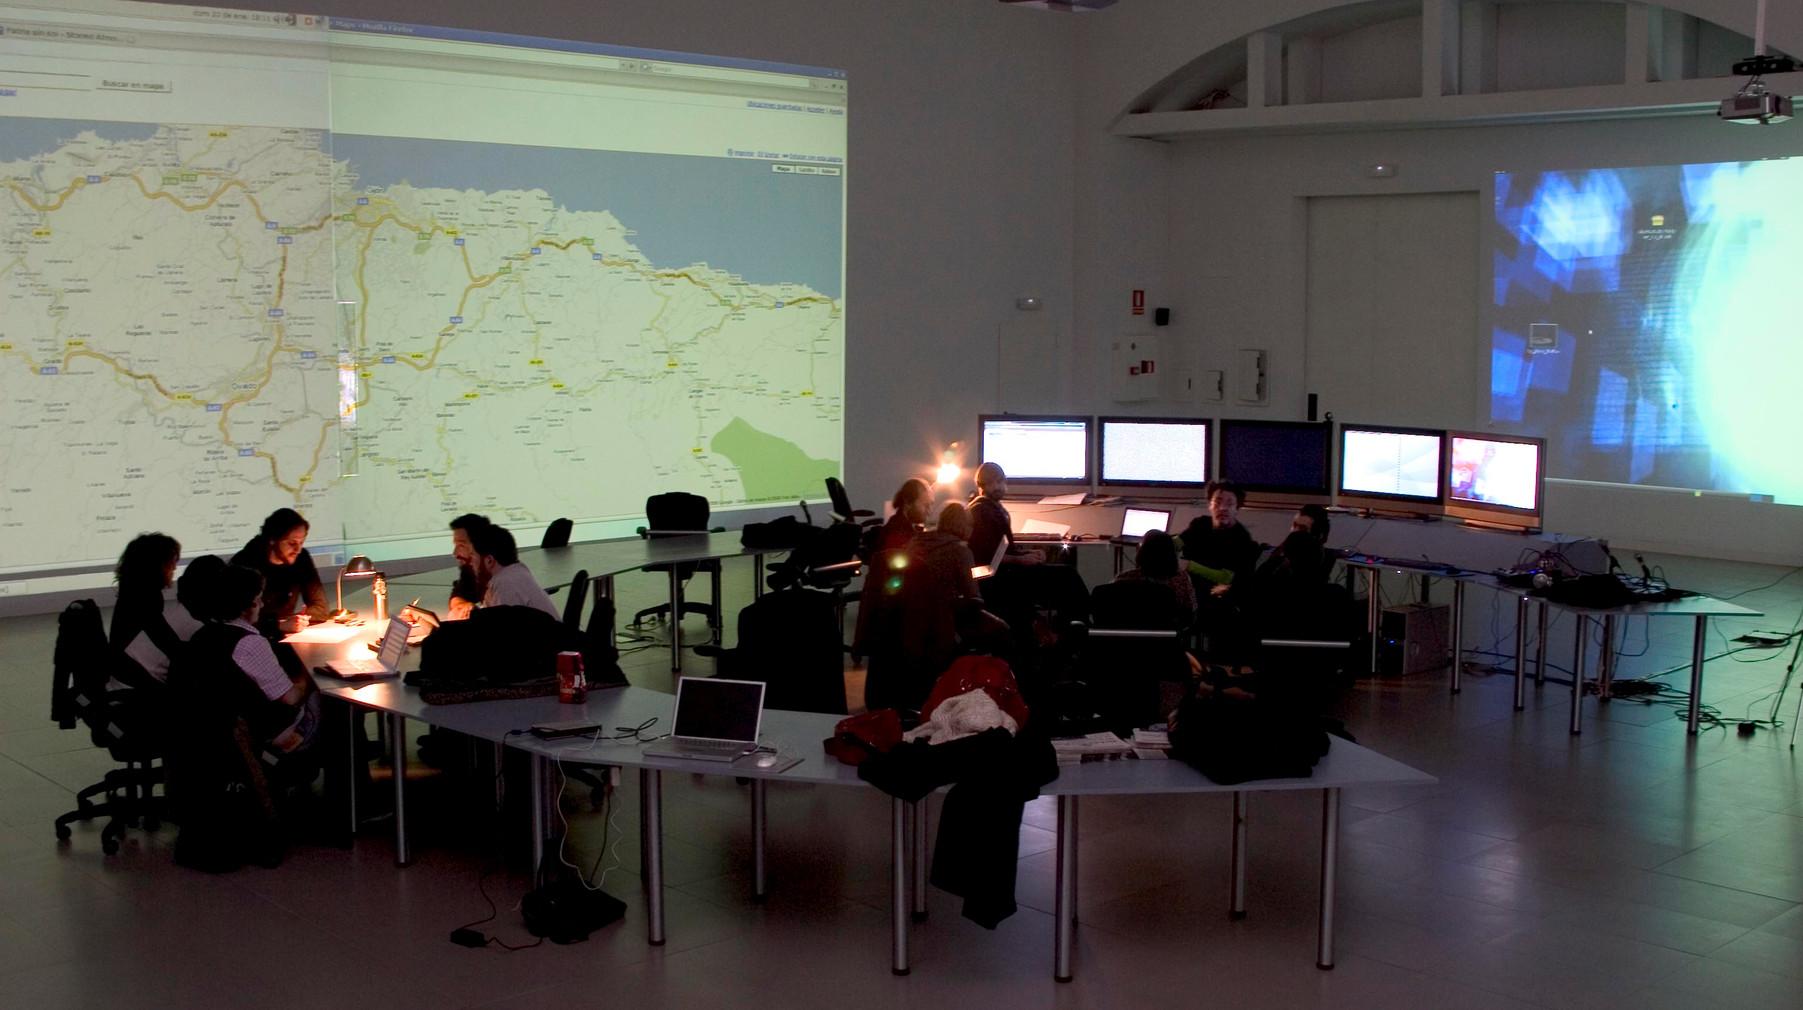 Fig. 16. hackitectura. Situation Room, 2003-2007. [Media-Lab] Cortesía de José Pérez de Lama, Pablo de Soto y José Laulhé.